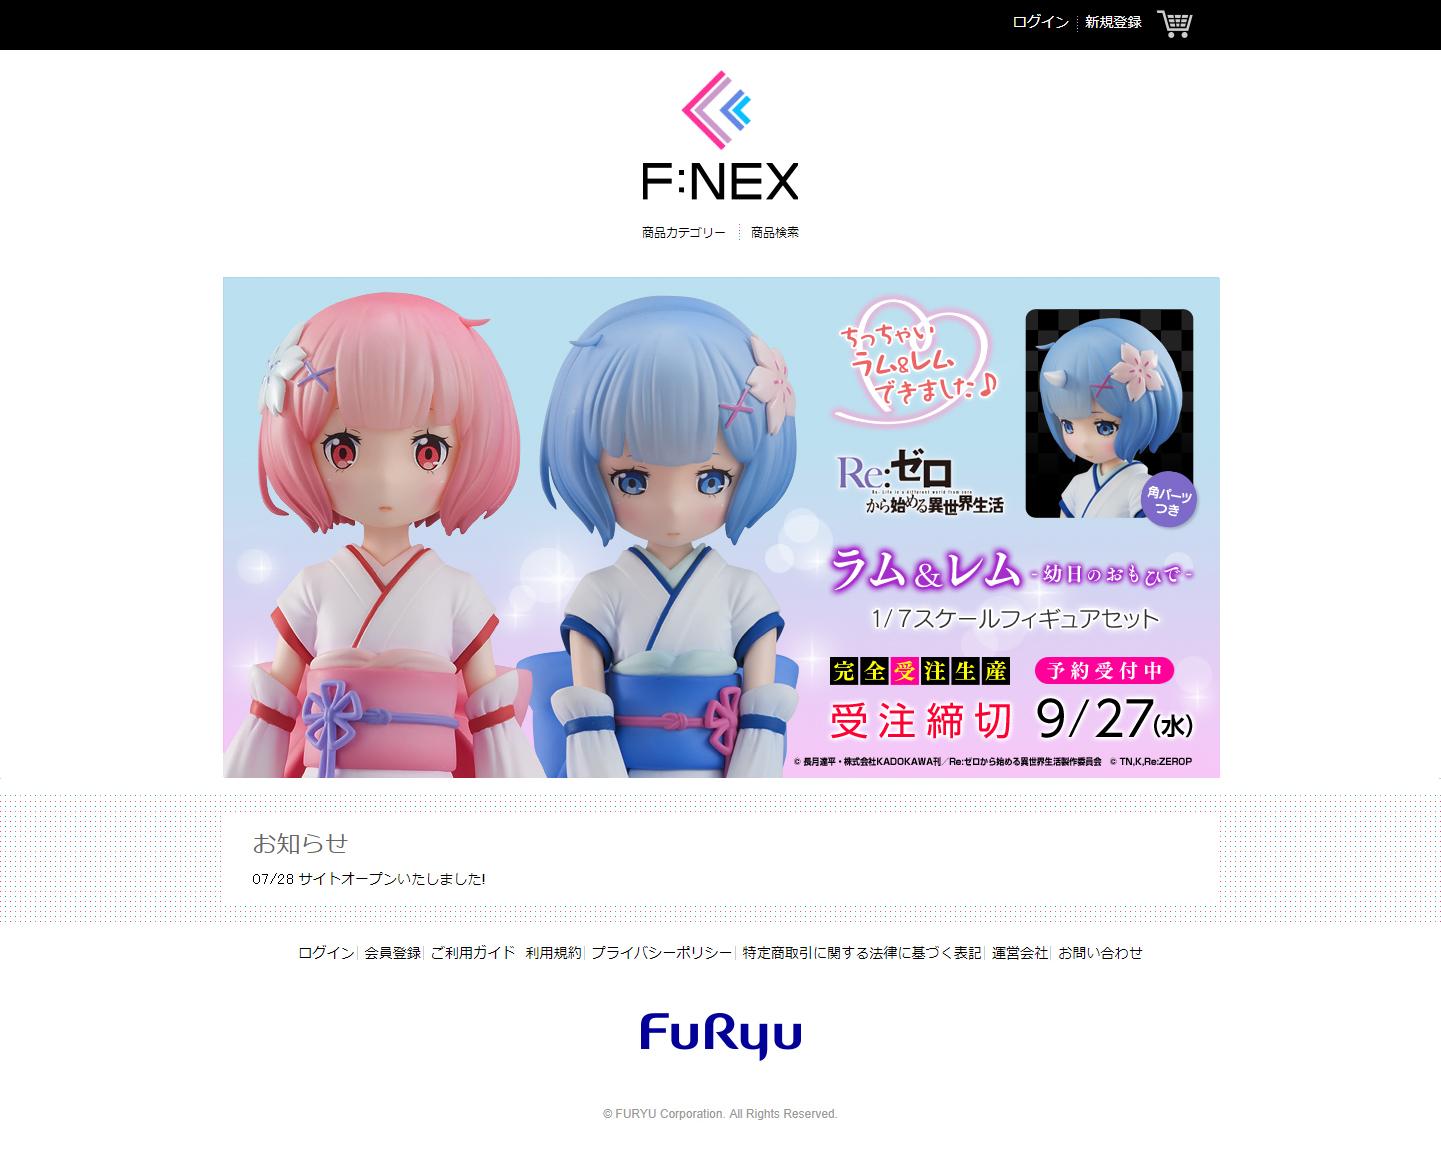 ホビーECサイト『F:NEX』URL:http://fnex.jp/